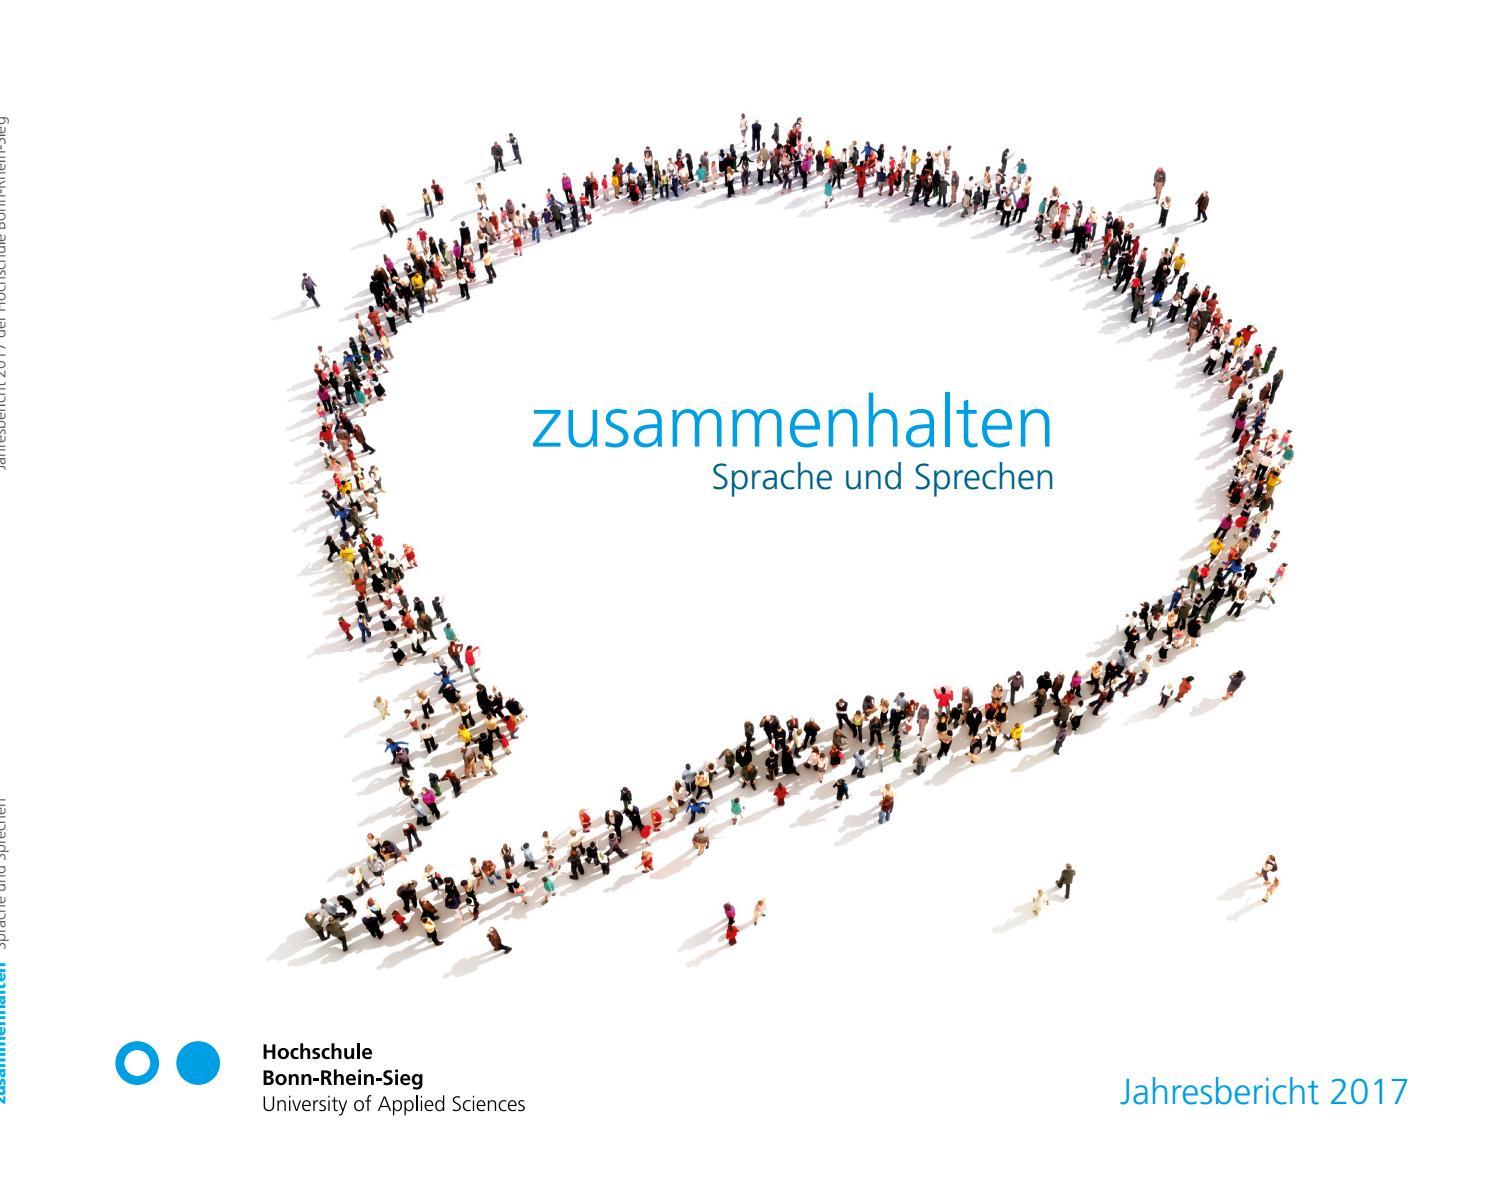 """""""zusammenhalten - Sprache und Sprechen"""", Jahresbericht 2017 der Hochschule  Bonn-Rhein-Sieg by Hochschule Bonn-Rhein-Sieg - issuu"""